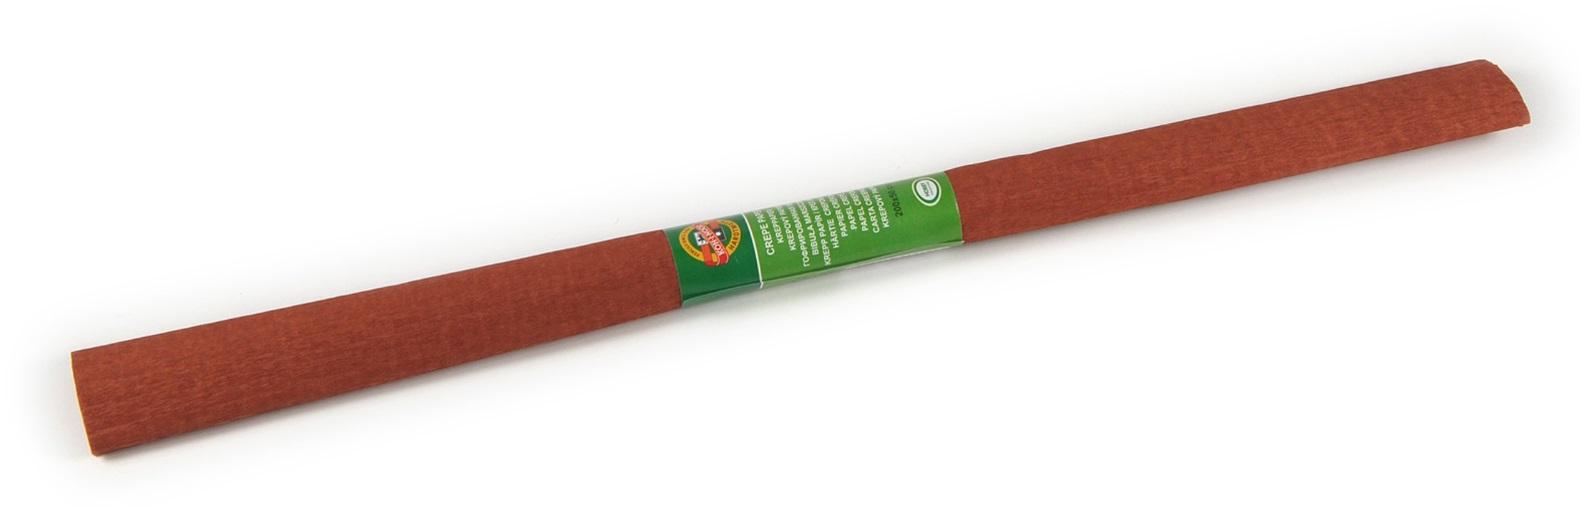 Krepový papír 50 x 200 cm, hnědý, KOH-I-NOOR